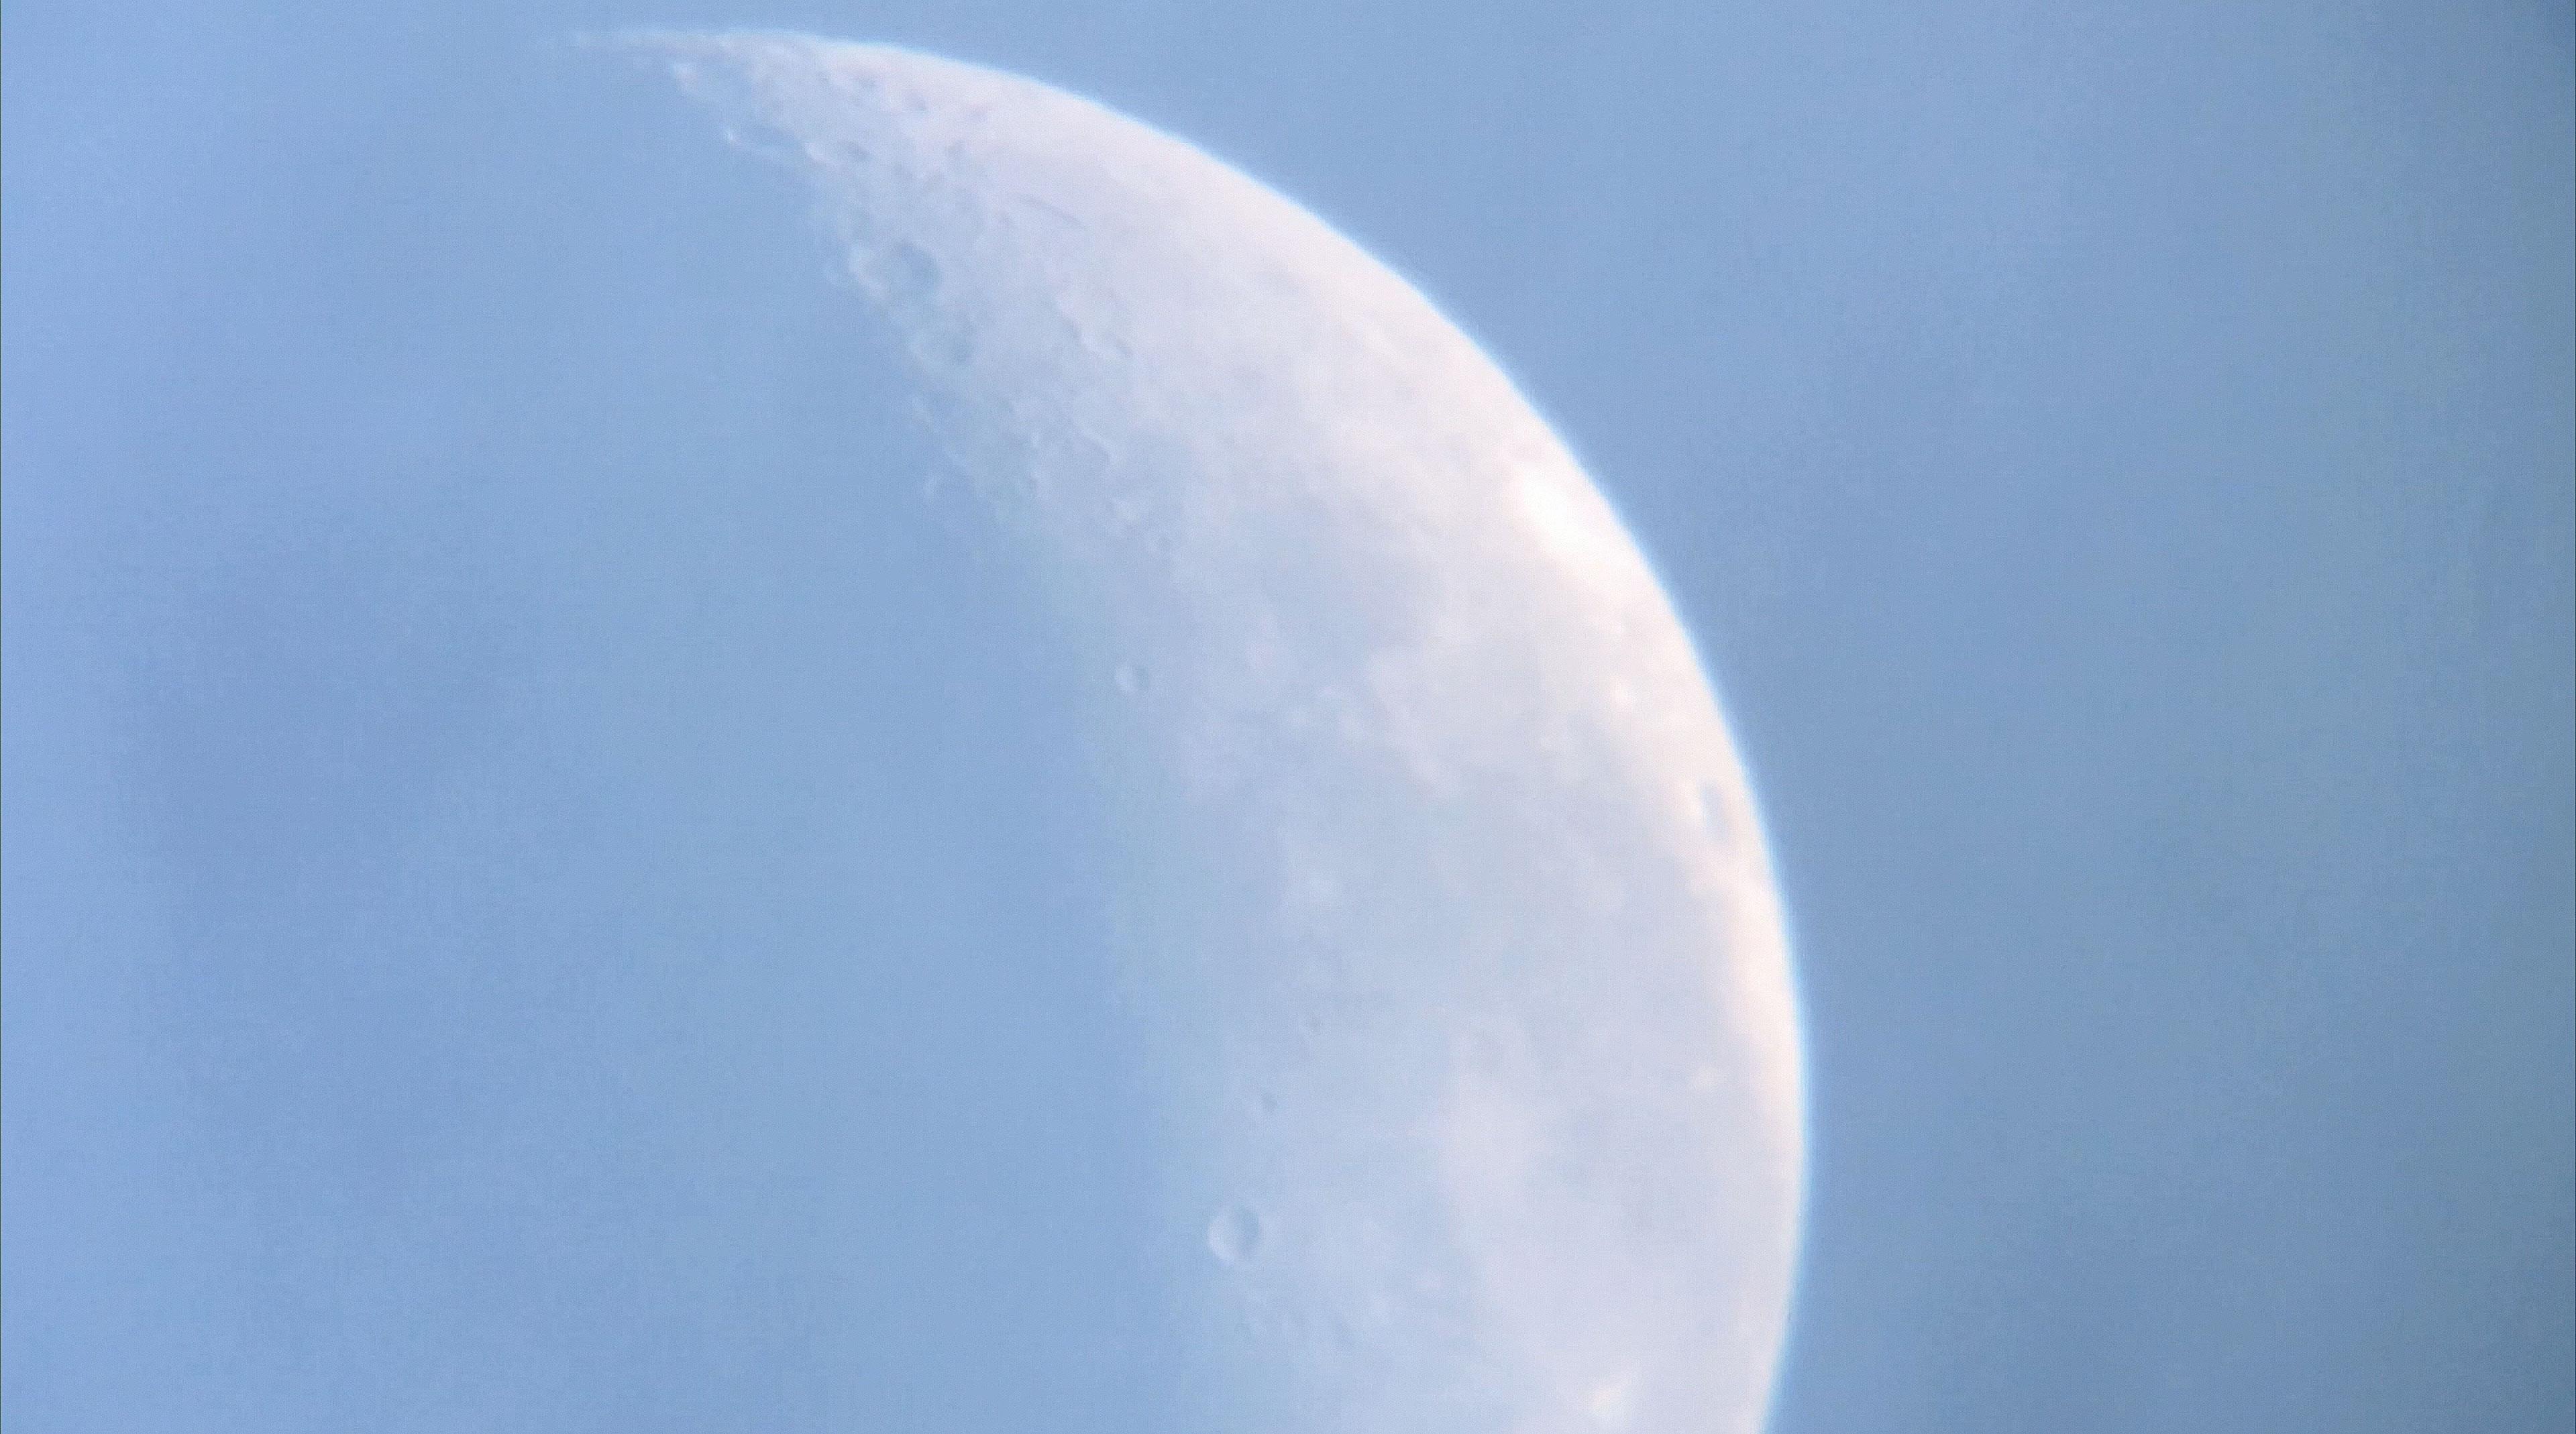 3d_printing_moon-top.jpg